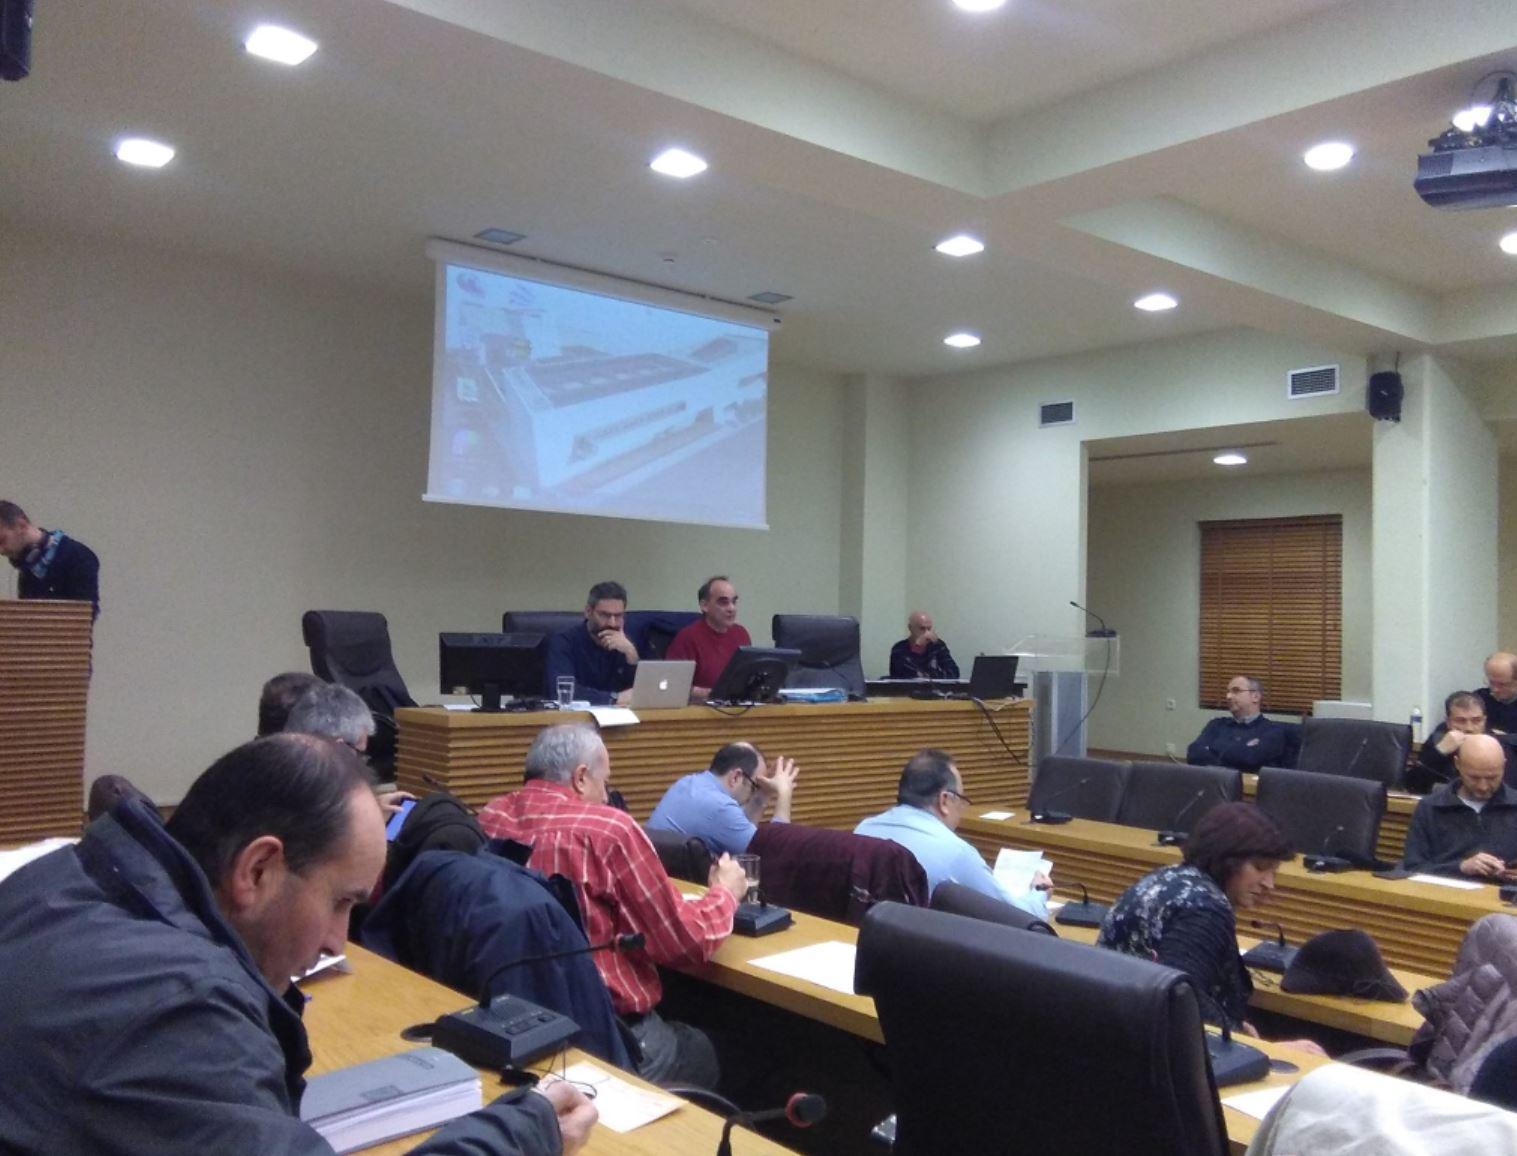 Ψήφισμα Δημοτικού Συμβουλίου του Δήμου Κοζάνης ενάντια στην συνεχιζόμενη δίωξη του Δημάρχου Πατρέων Κώστα Πελετίδη